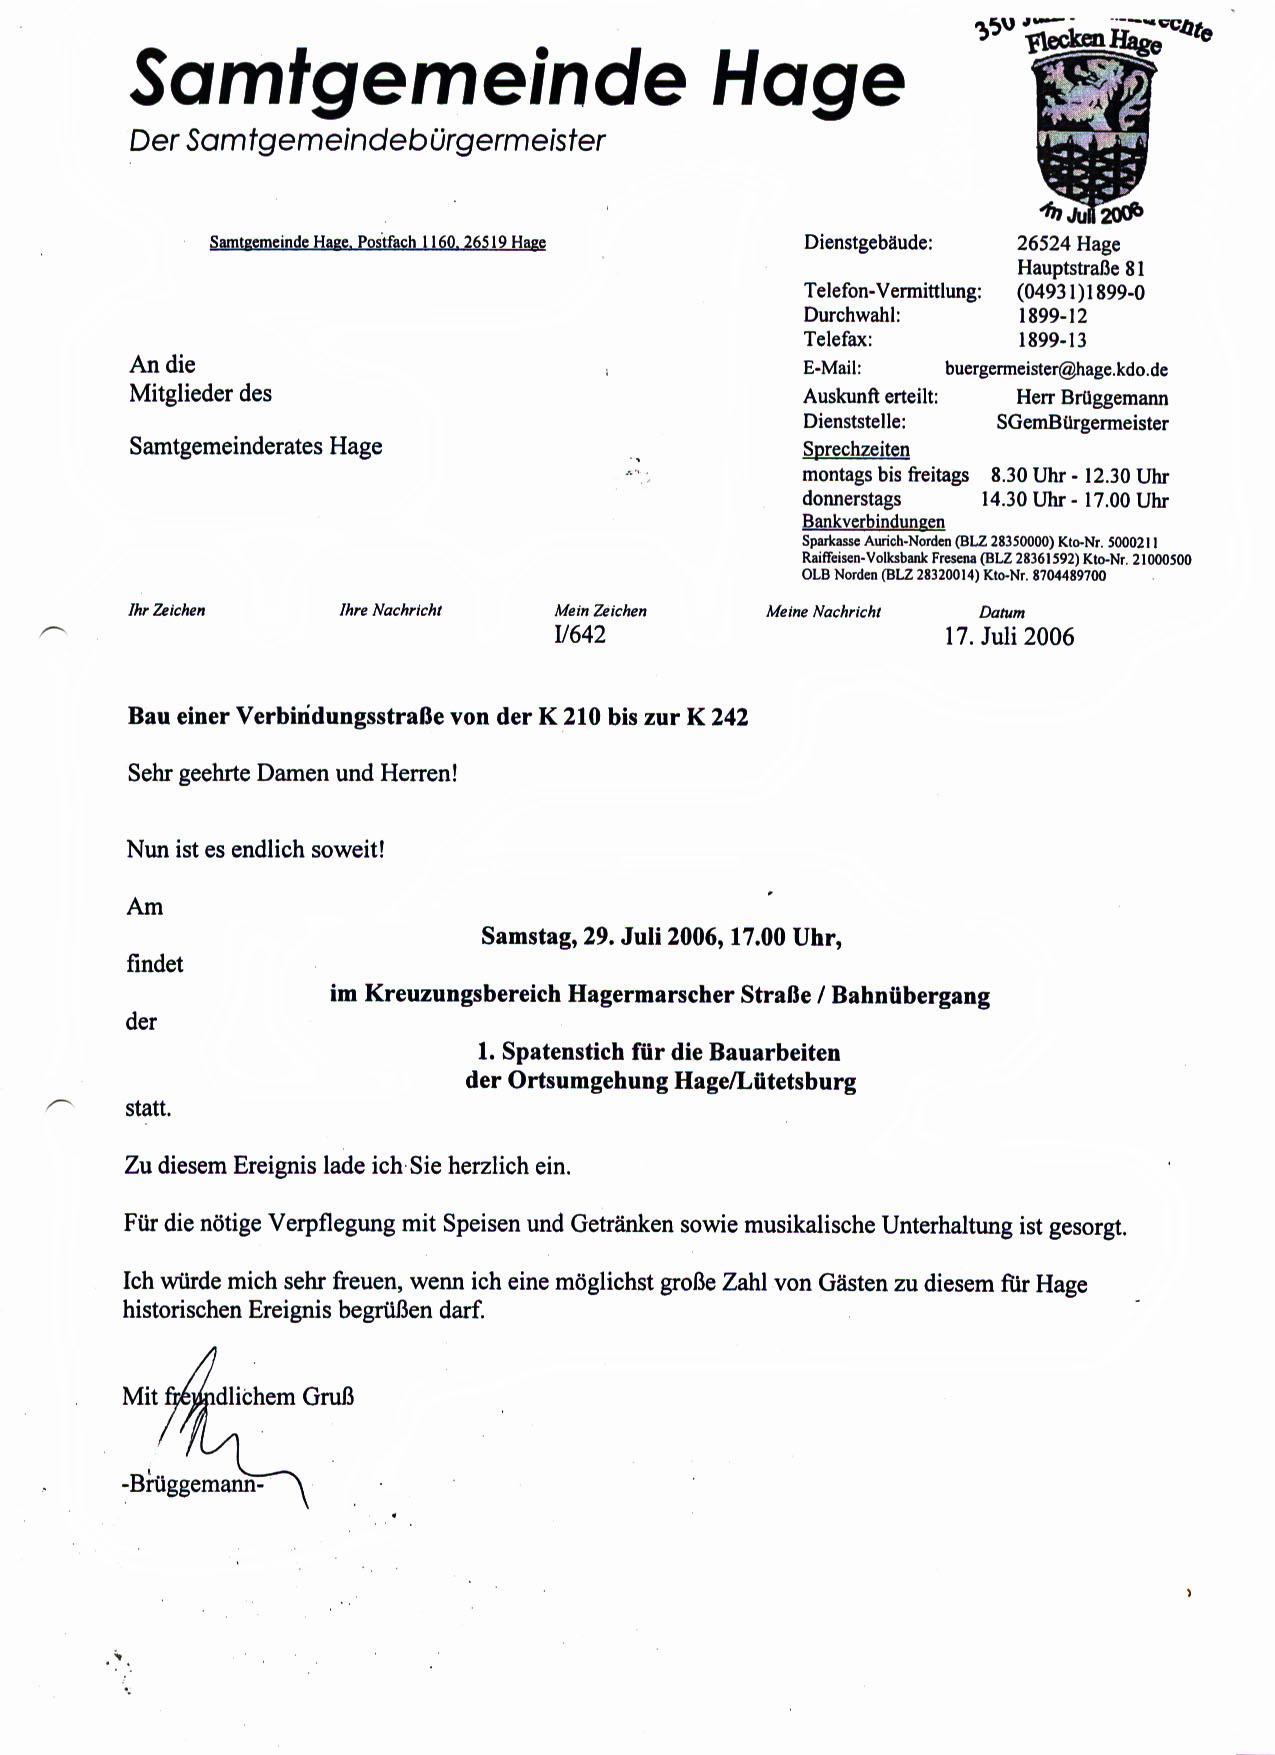 Einladung Umtrunk Firma - Vorlagen